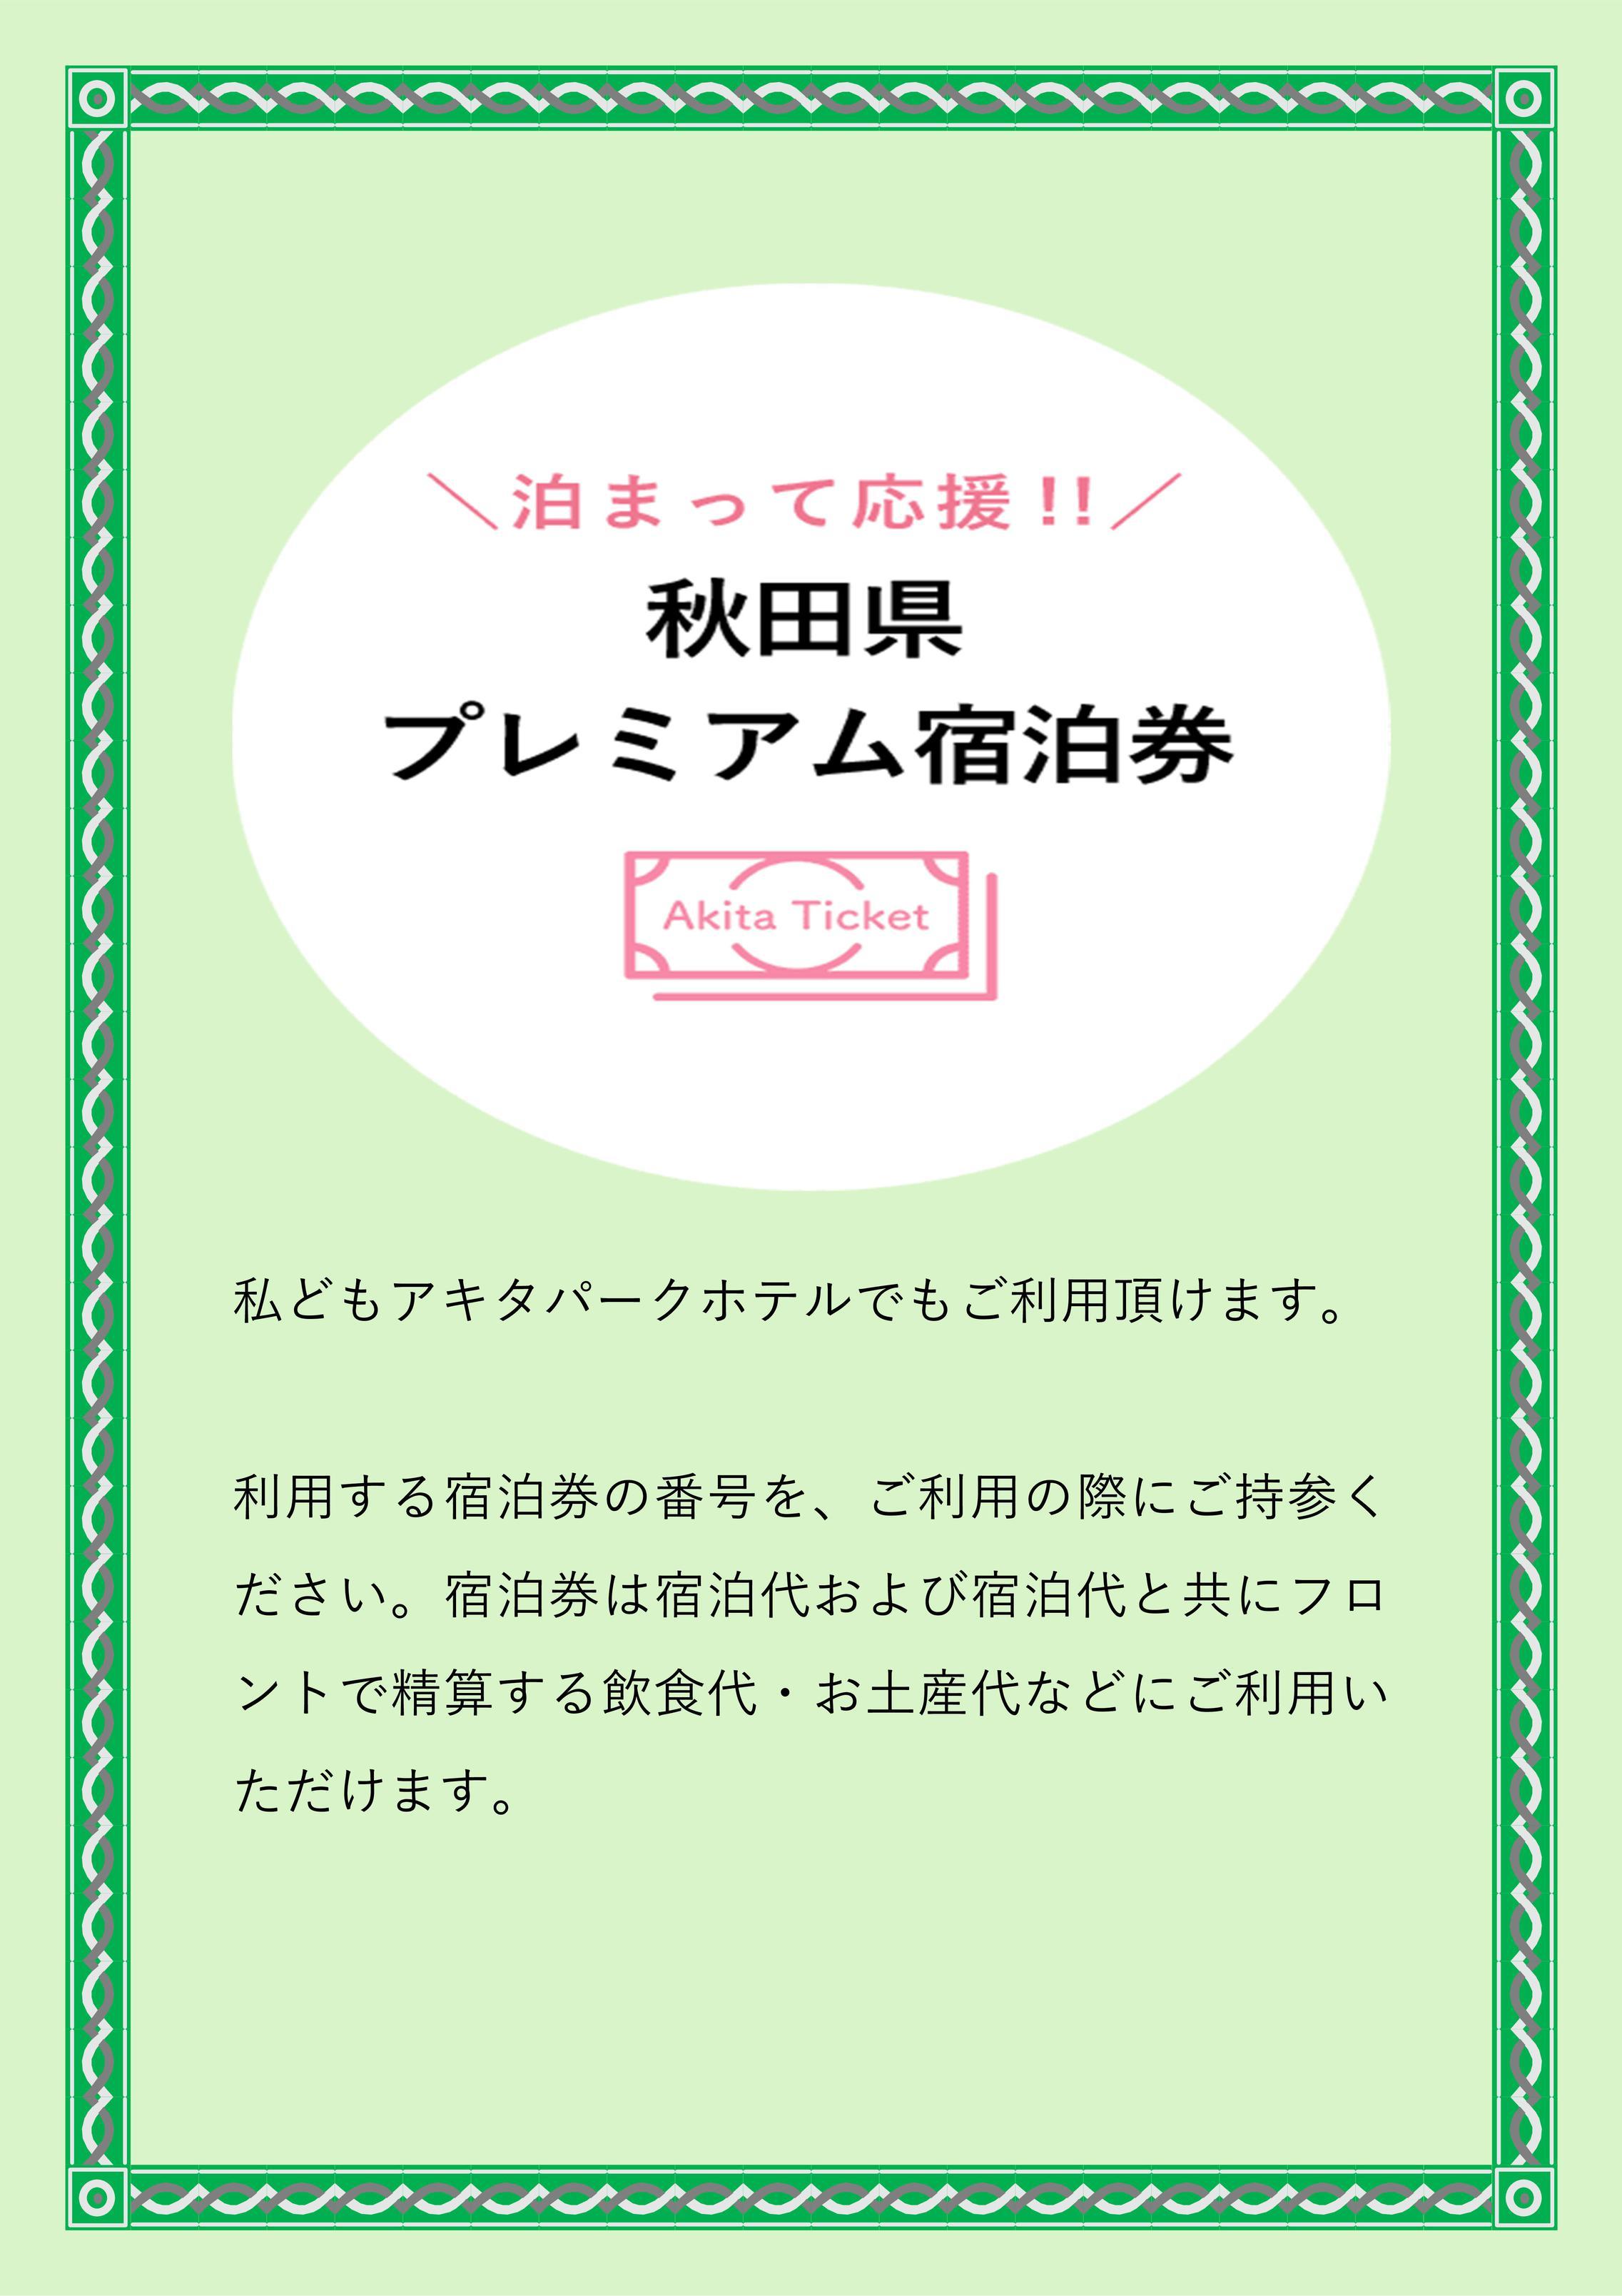 アキタパークホテル|秋田県プレミアム宿泊券についてのお知らせ